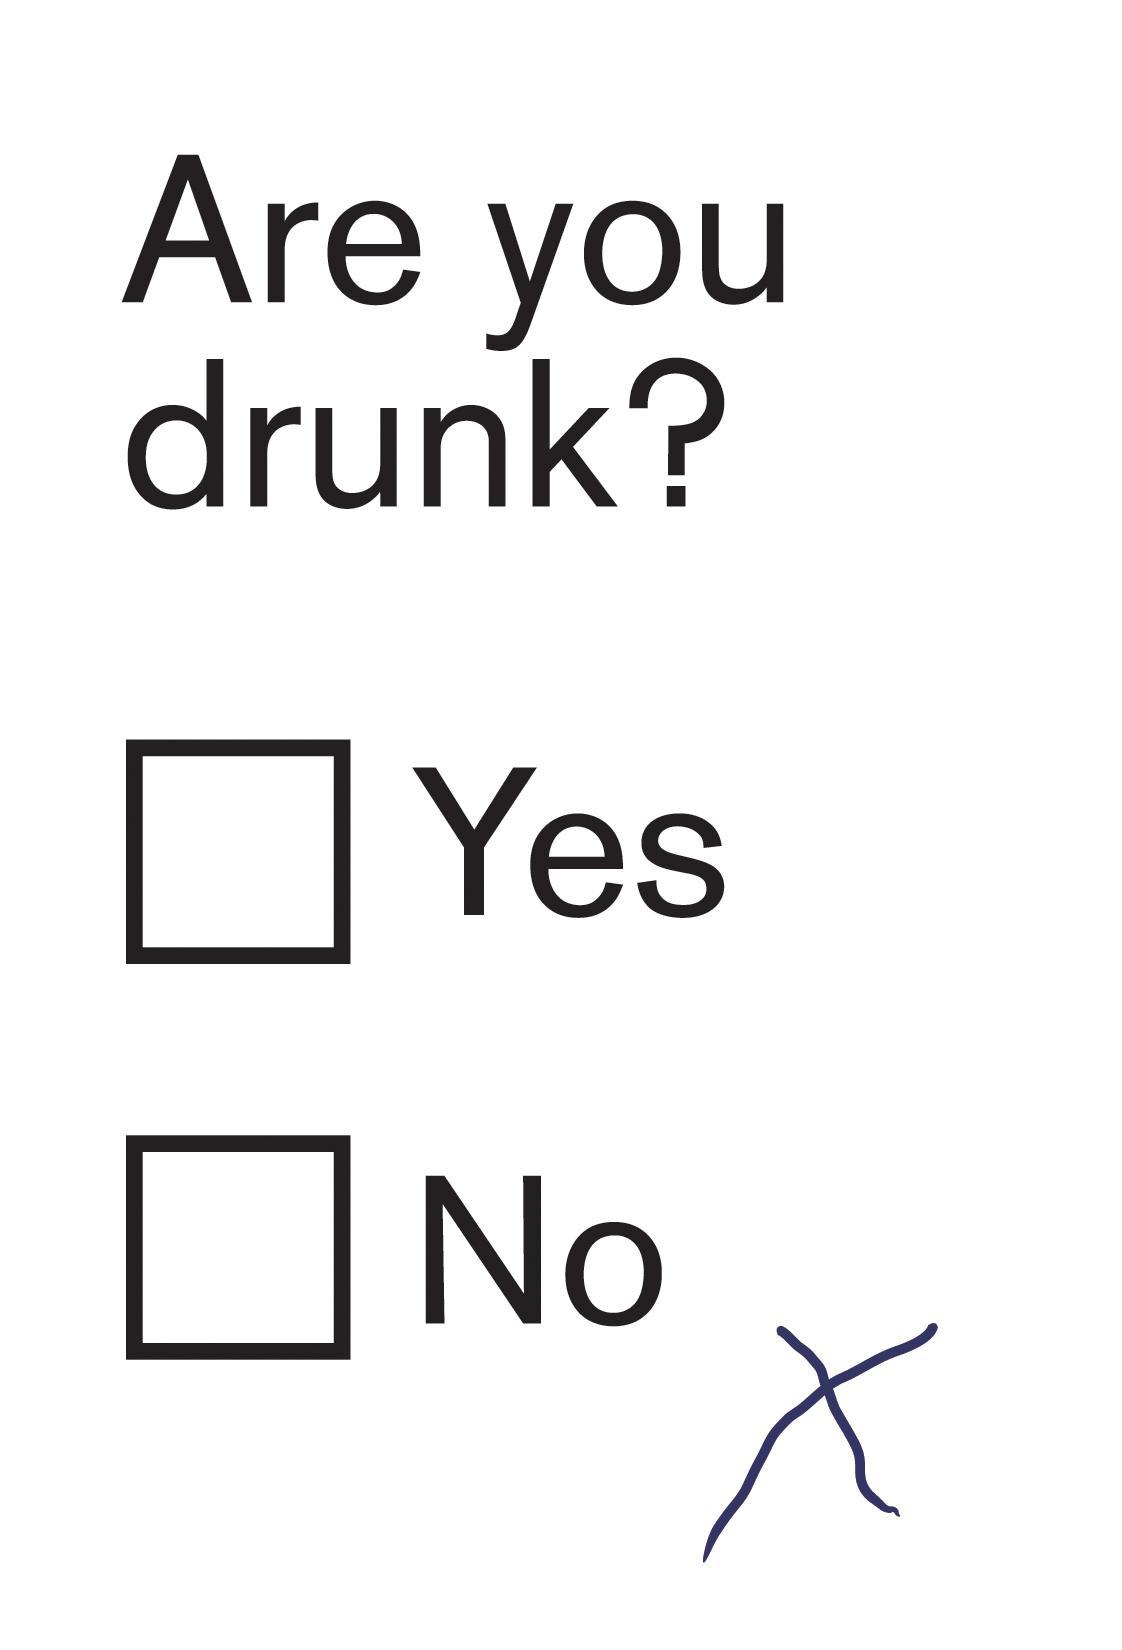 Co pít, a nemít velkou opici?